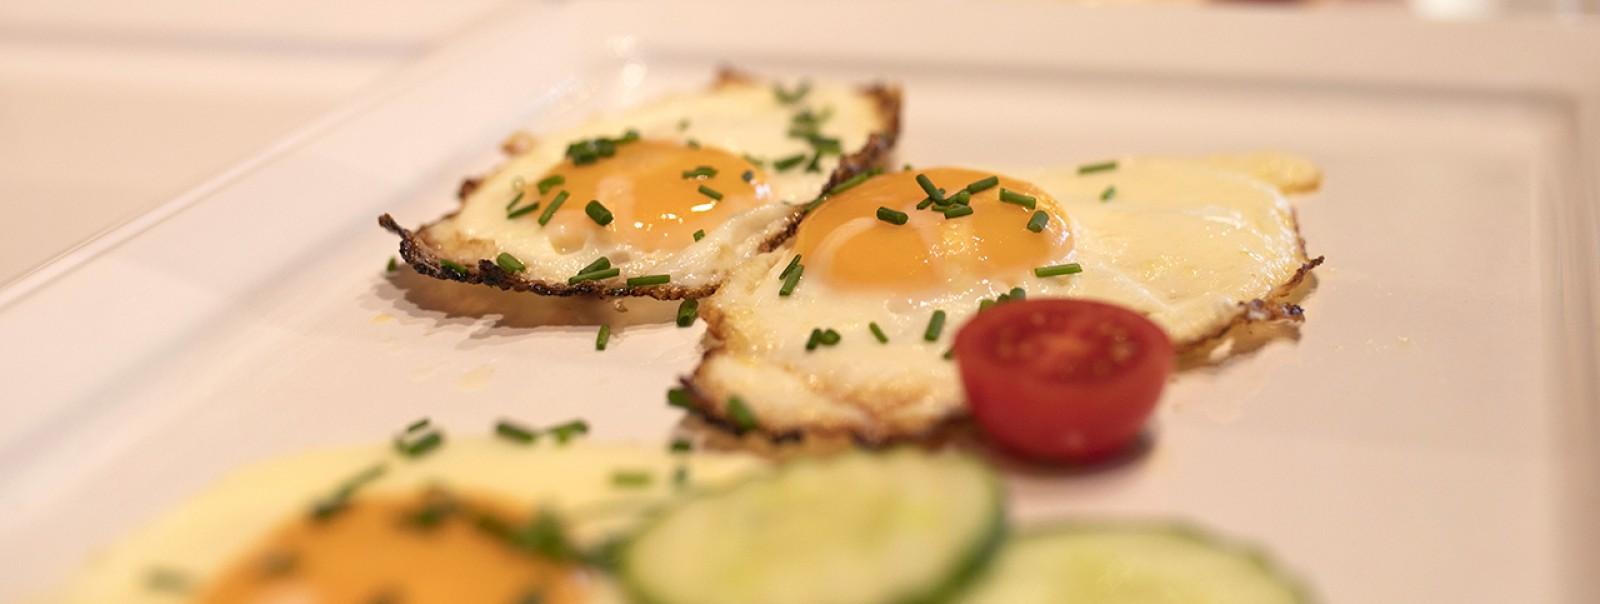 Essigmanngut, accomodation, living, anif, salzburg, hotel, breakfast, Fruestueck